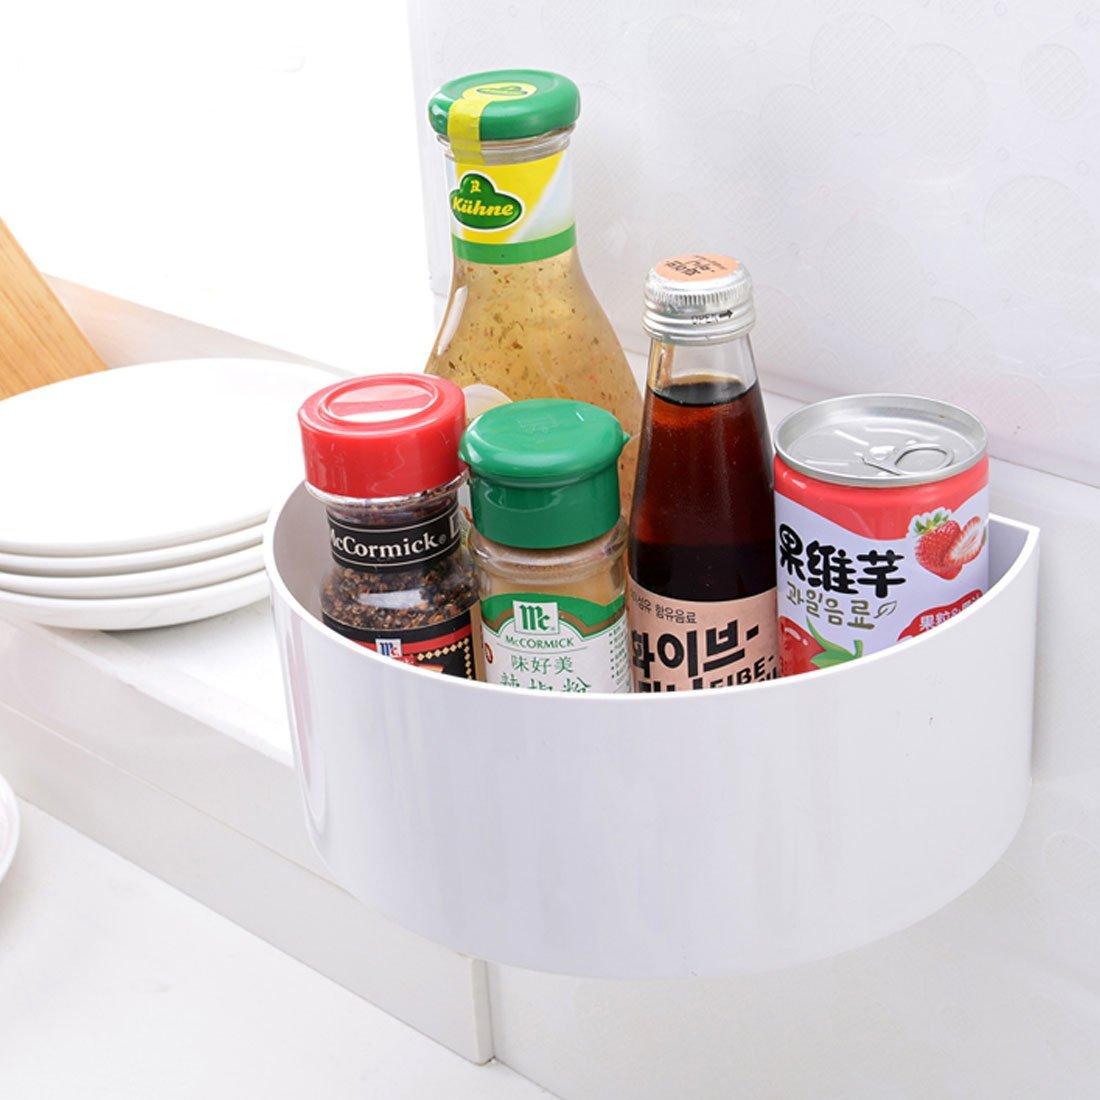 Amazon.com: eDealMax plástico de baño Corner colgar de la pared estantes que cuelgan ventosas de almacenamiento estantería de contenedores Blanca: Kitchen & ...